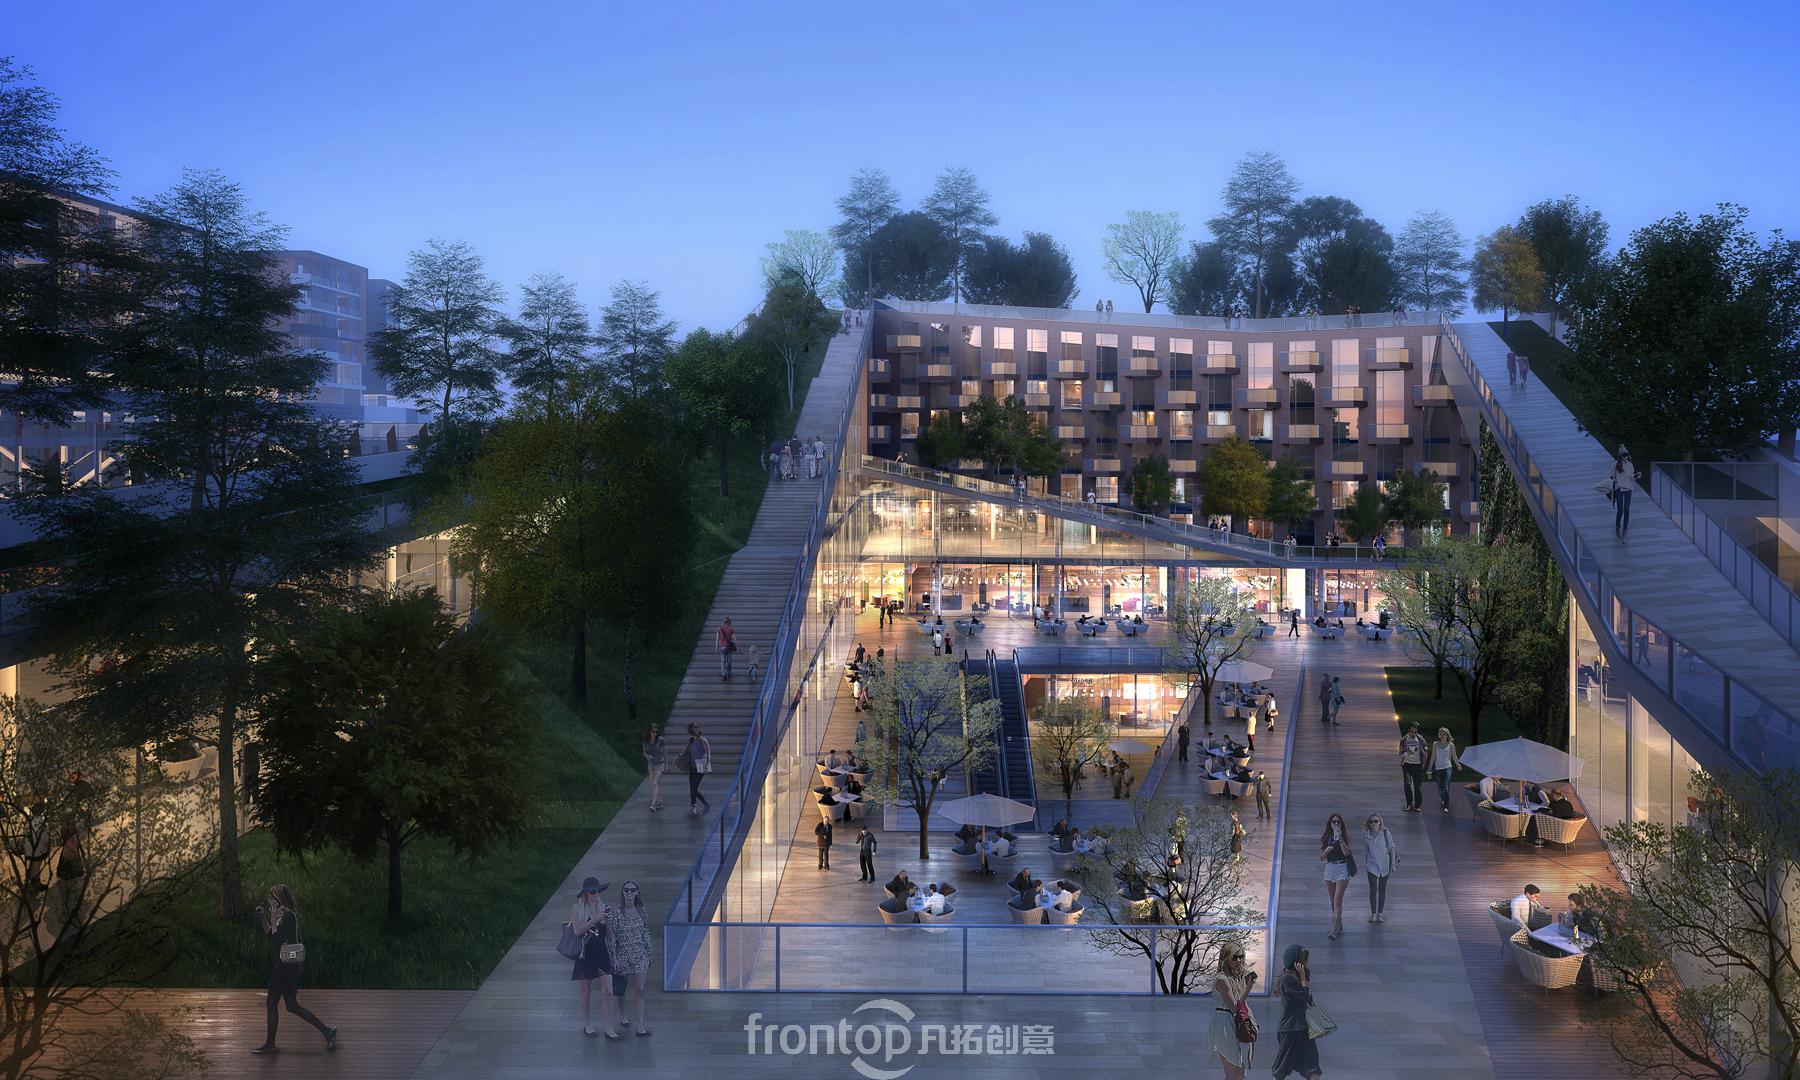 赖德市民中心国际概念设计竞赛